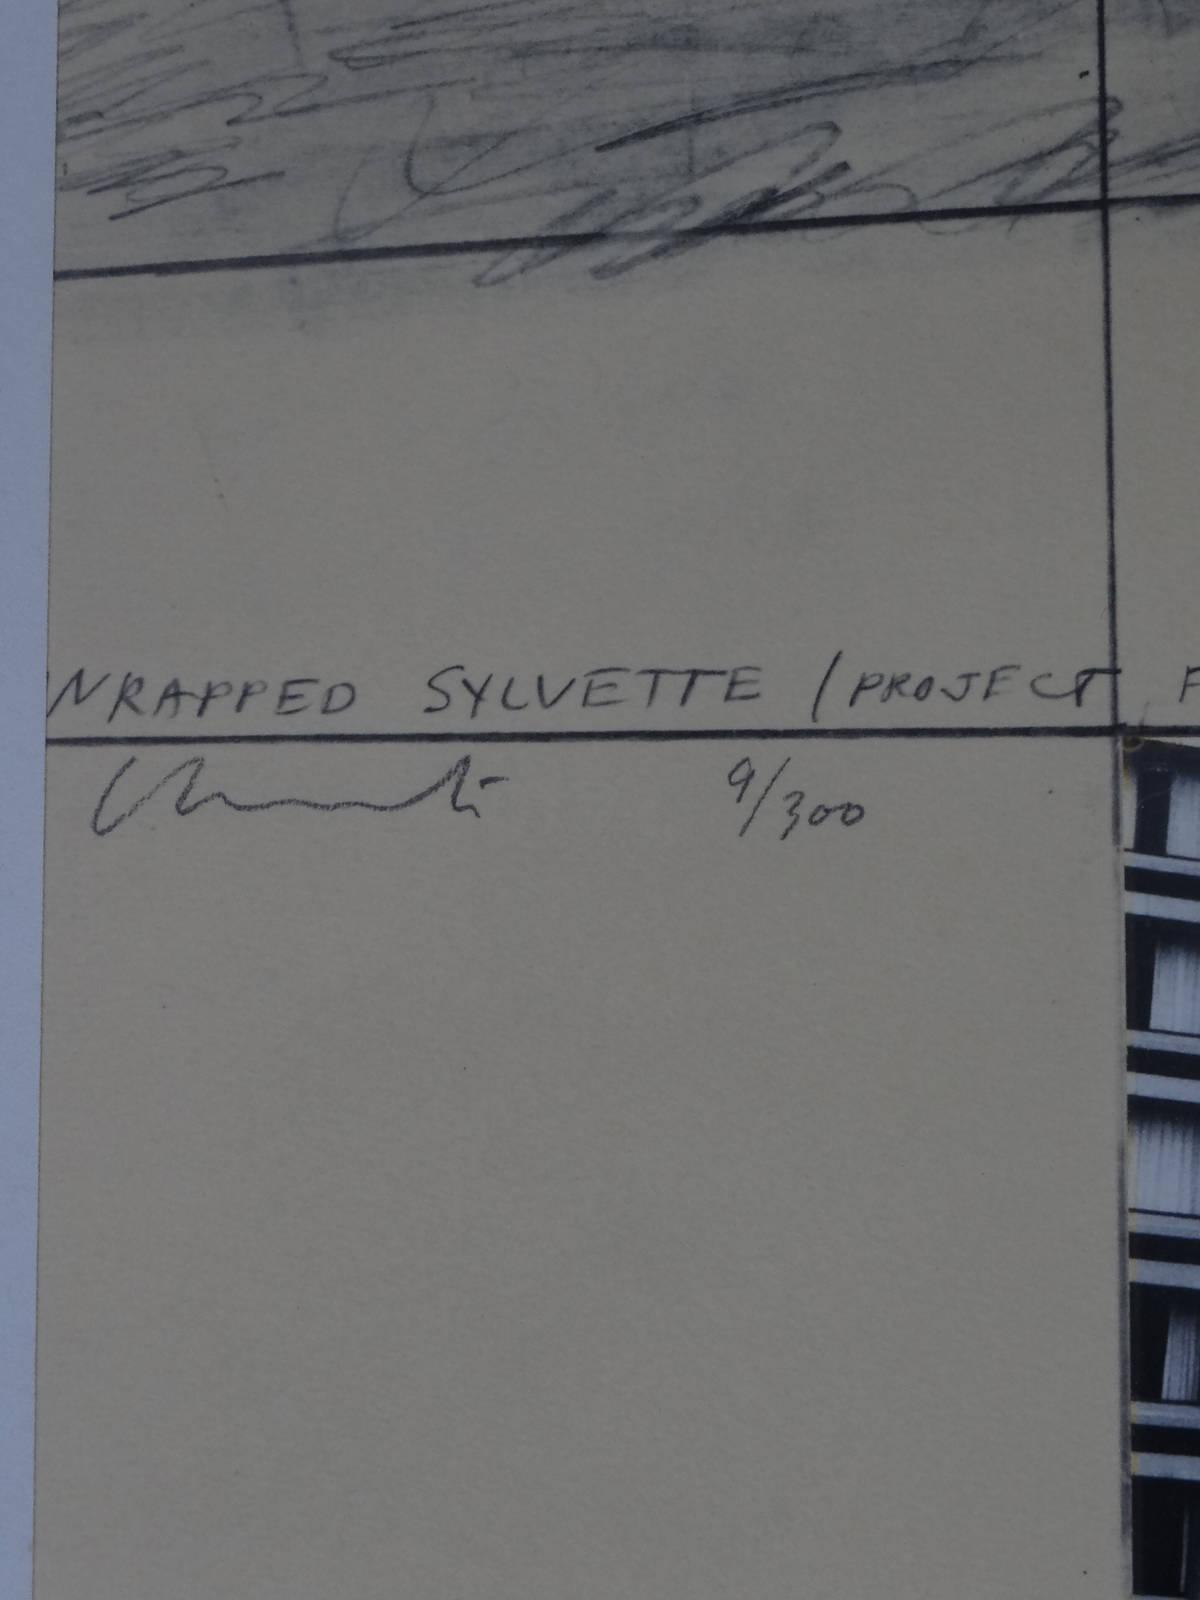 Christo Wrapped Sylvette